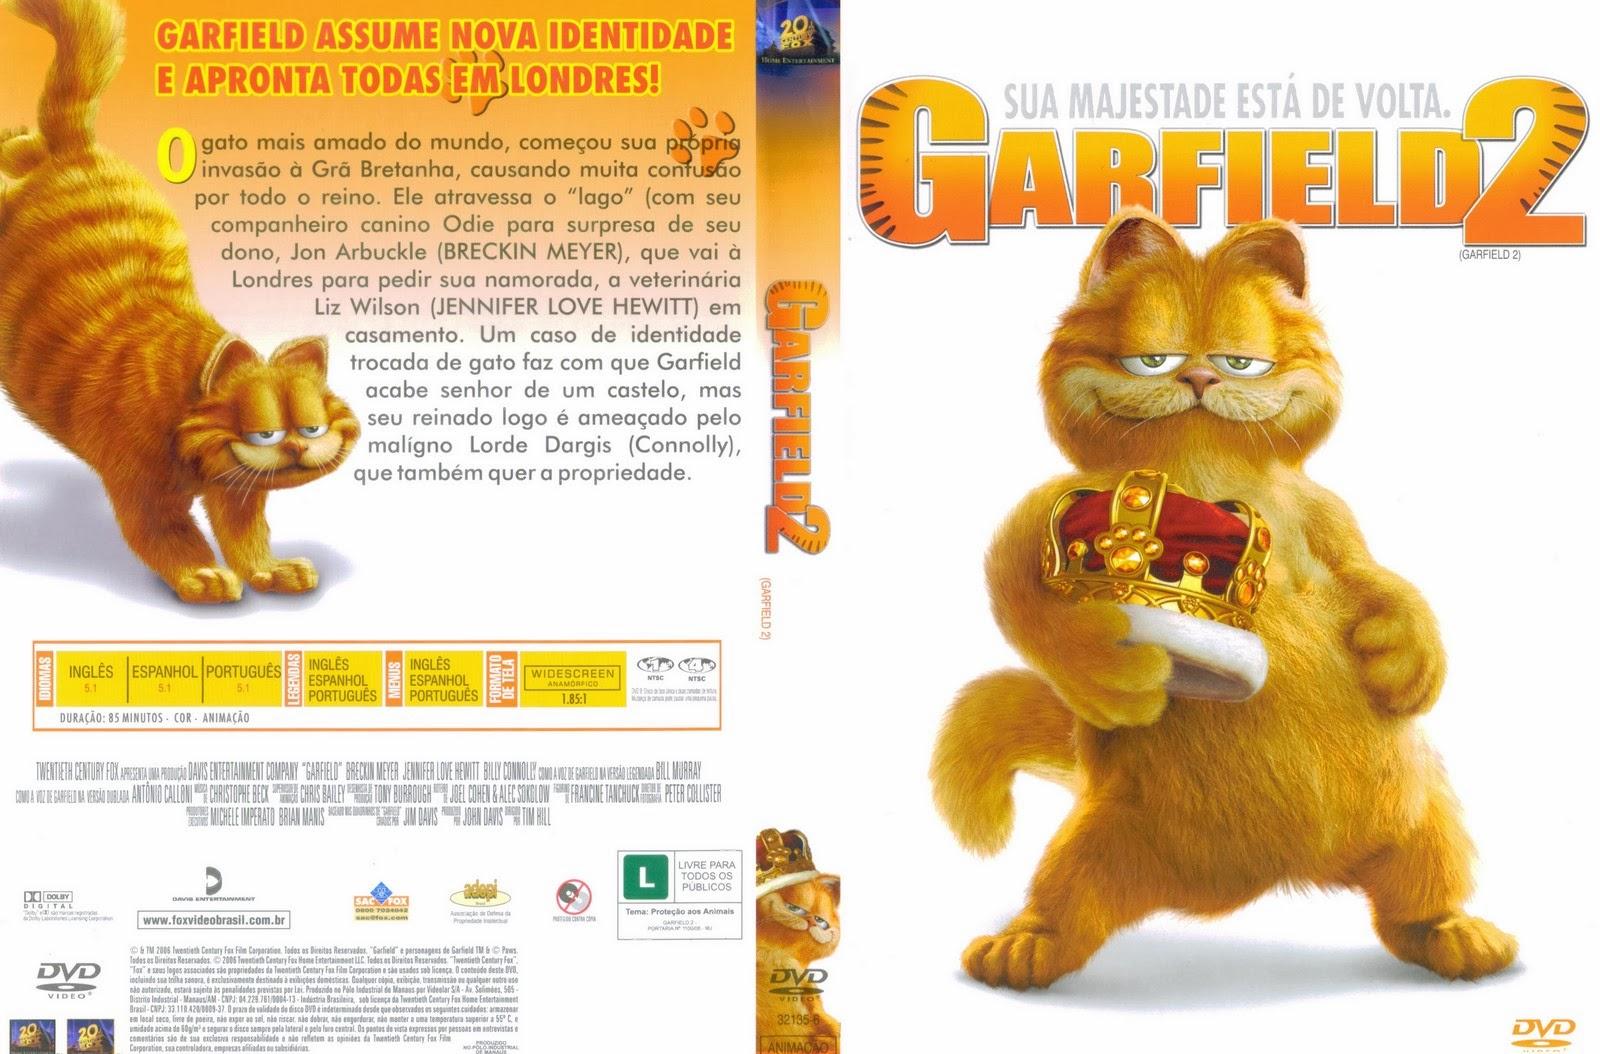 Garfield 2 DVD Capa